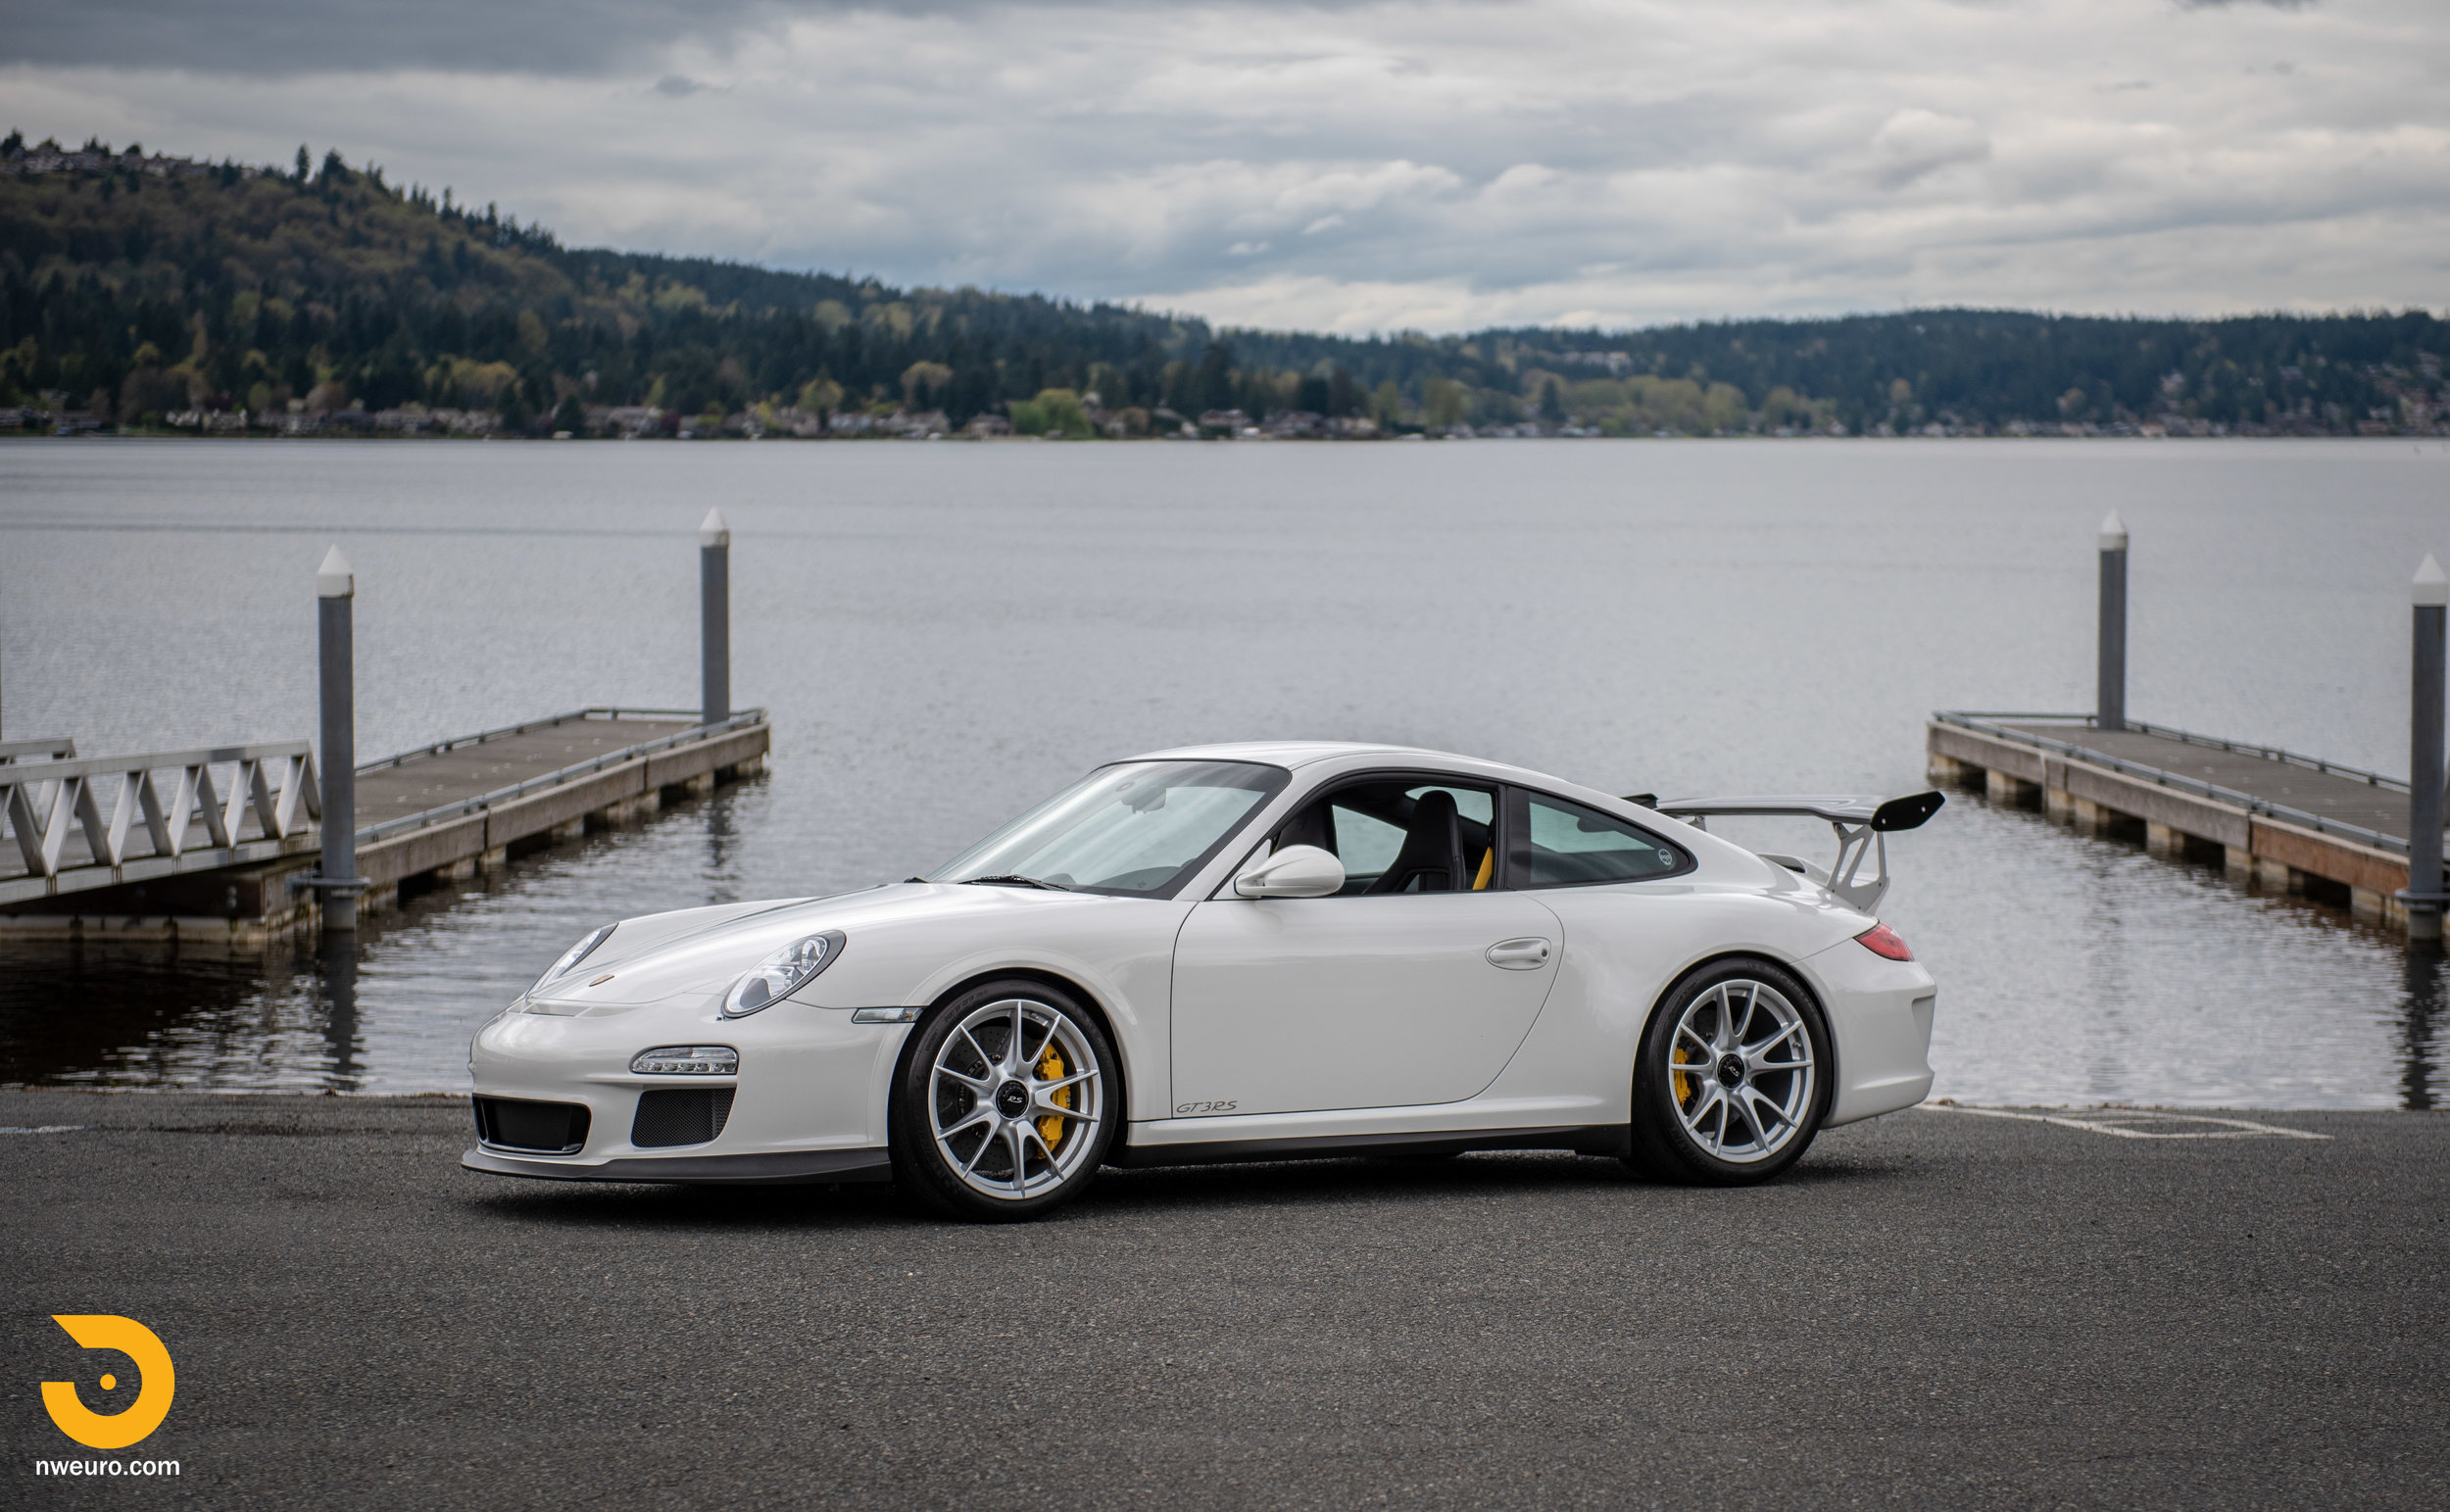 2011 Porsche GT3 RS-46.jpg